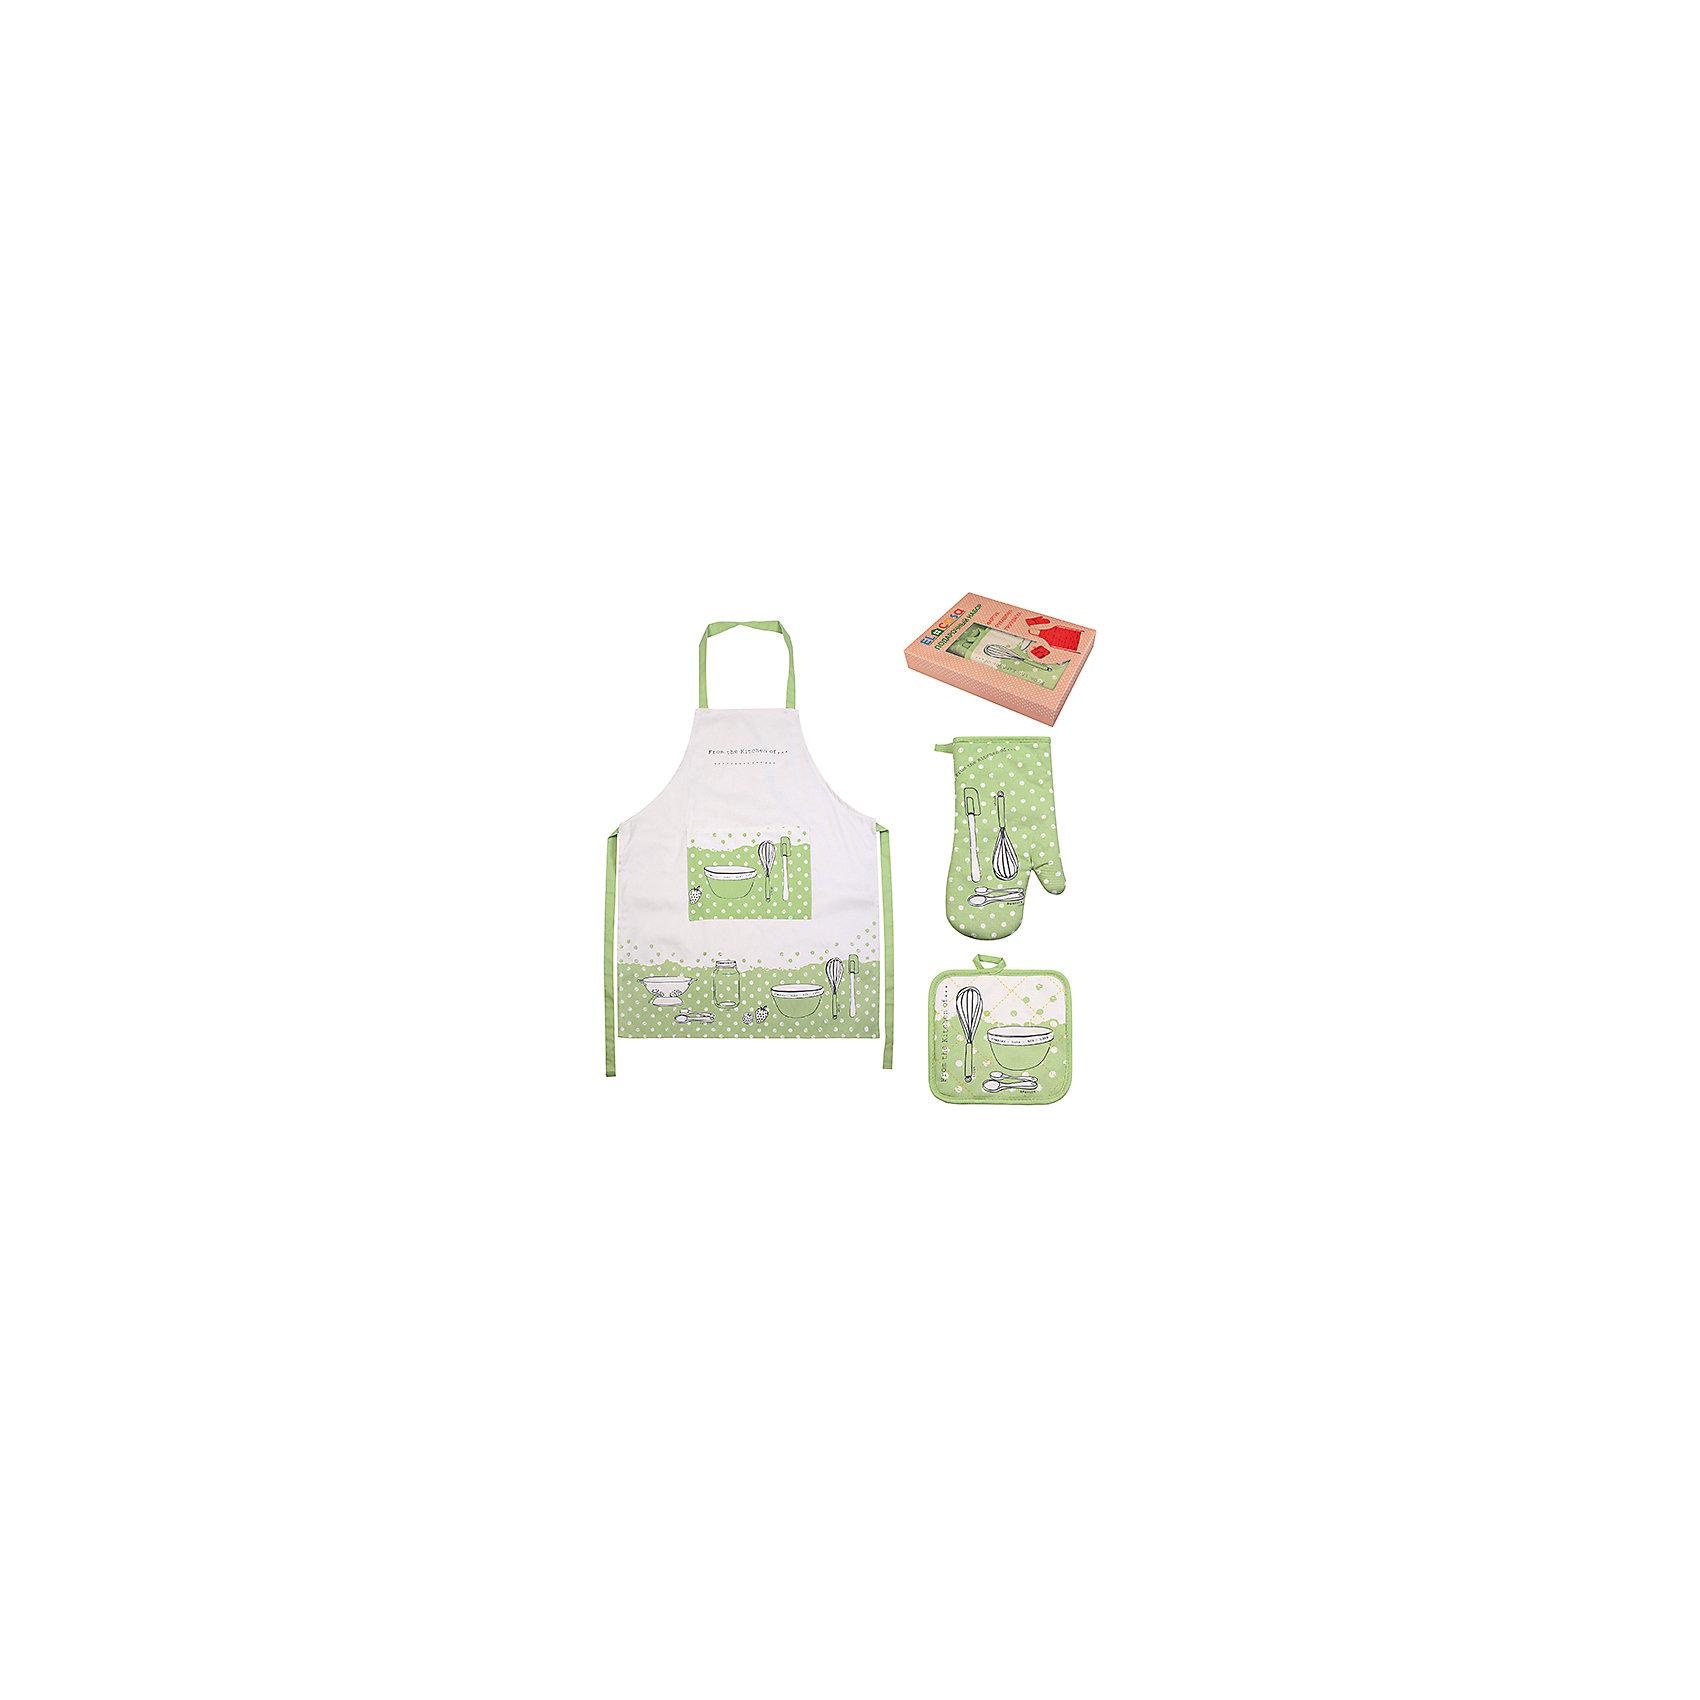 Набор:фартук, прихватка, рукавичка Салатовое настроение, EL CasaПосуда<br>Набор включает в себя фартук, одну прихватку и одну прихватку-рукавицу  и предлагается в подарочной коробке. Оригинальный дизайн понравится любой хозяйке и защитит одежду от загрязнения.<br><br>Ширина мм: 230<br>Глубина мм: 45<br>Высота мм: 300<br>Вес г: 415<br>Возраст от месяцев: 0<br>Возраст до месяцев: 1188<br>Пол: Унисекс<br>Возраст: Детский<br>SKU: 6668802